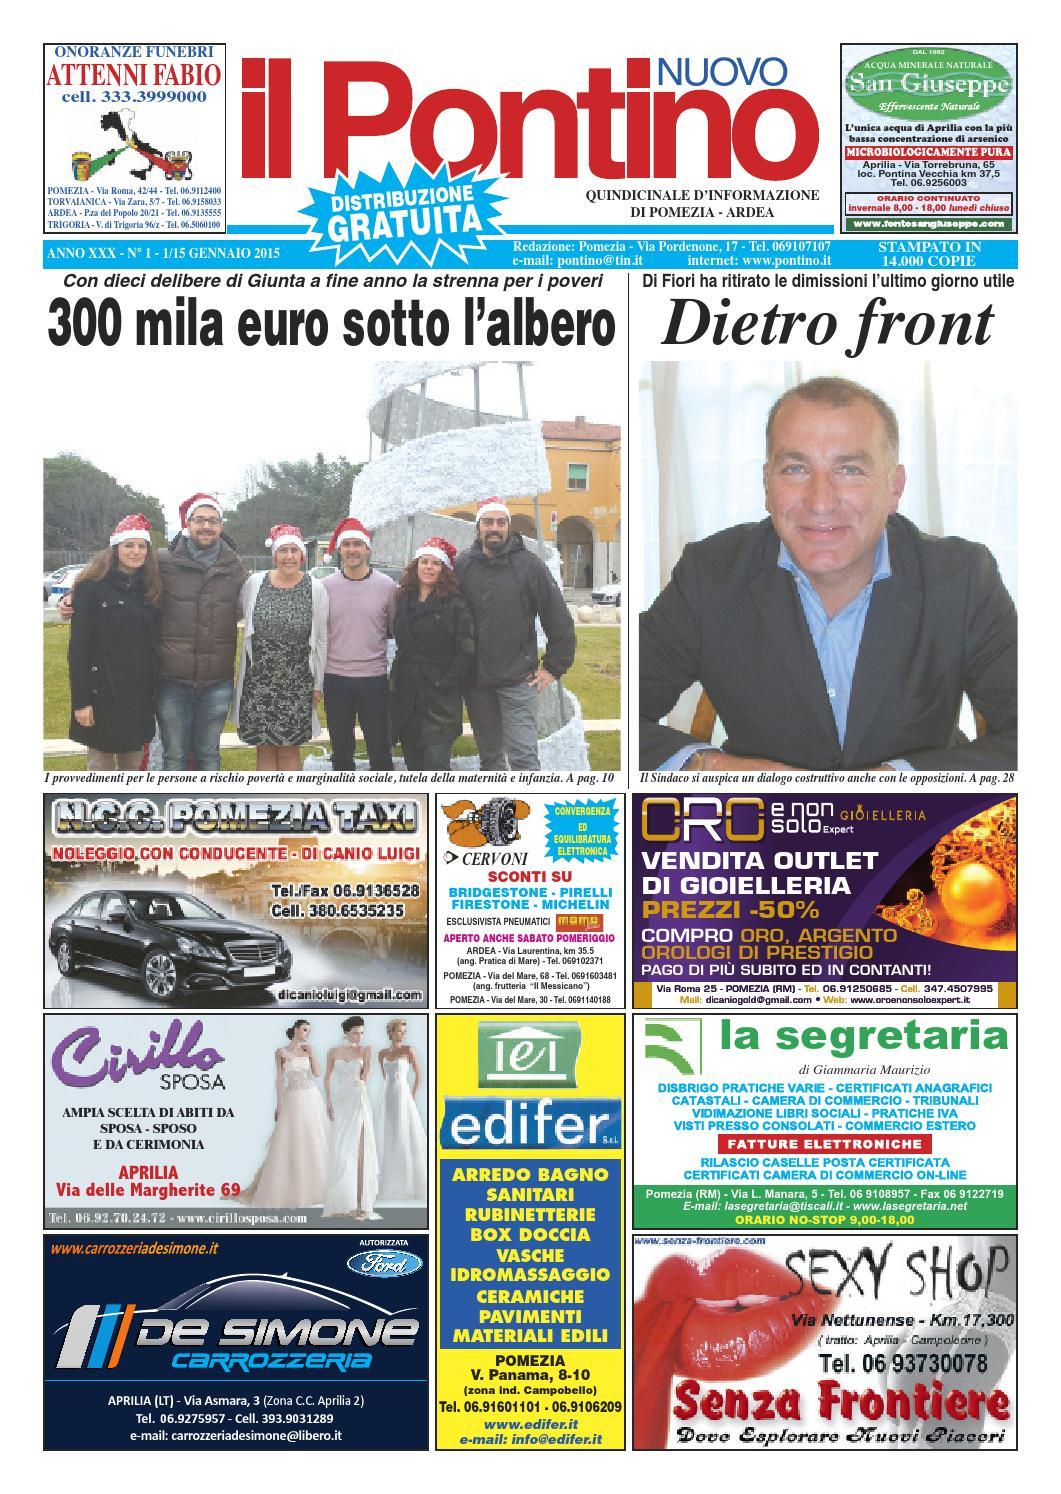 Il Pontino Nuovo - ANNO XXX N° 1 - 1 15 Gennaio 2015 by Il Pontino Il  Litorale - issuu 608494e3335